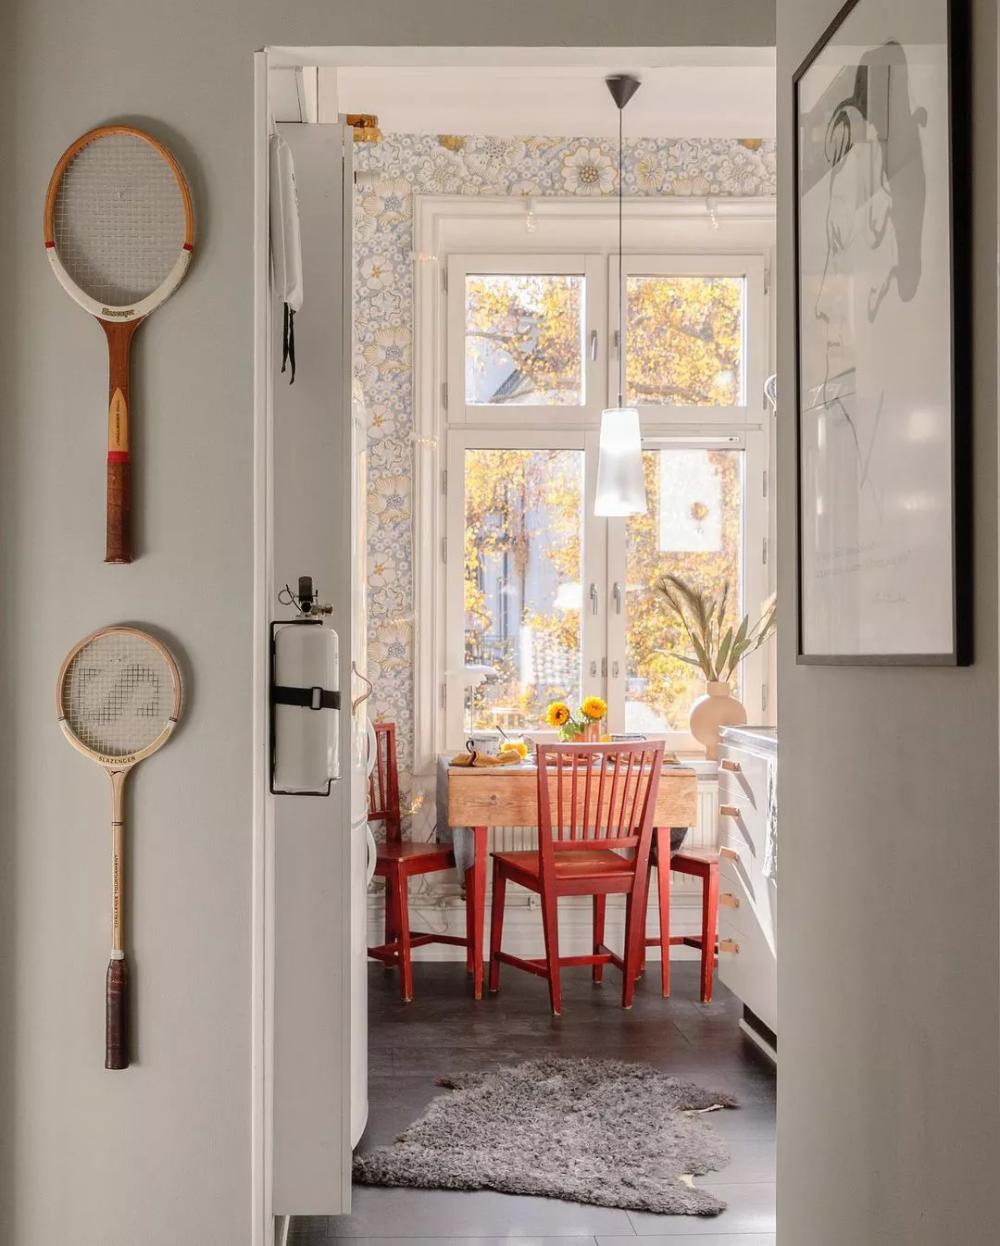 Décor do dia: cozinha com estilo vintage e decoração afetiva (Foto: Divulgação)